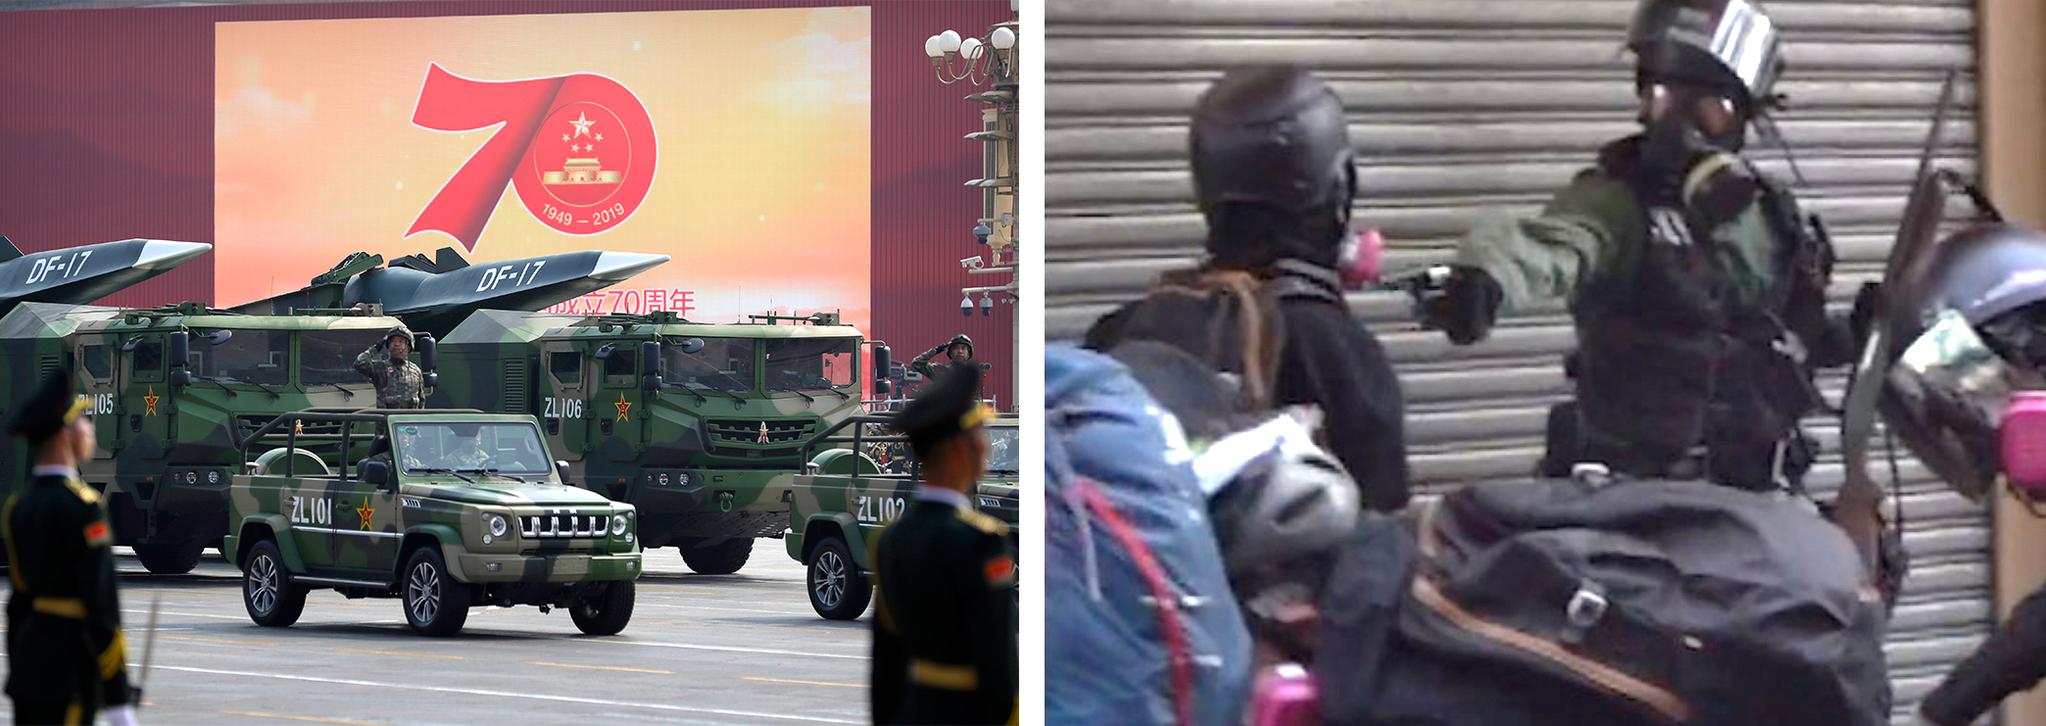 건국 70주년 기념일(1일)을 맞아 중국 베이징 천안문광장에서 열린 열병식 모습. 오른쪽 사진은 같은날 홍콩 북부 췬완 지역에서 홍콩 경찰이 한 시위대에게 총을 겨누는 모습. 이 시위대는 총알에 맞아 쓰러졌다. [AP=연합뉴스, 사진 페이스북]